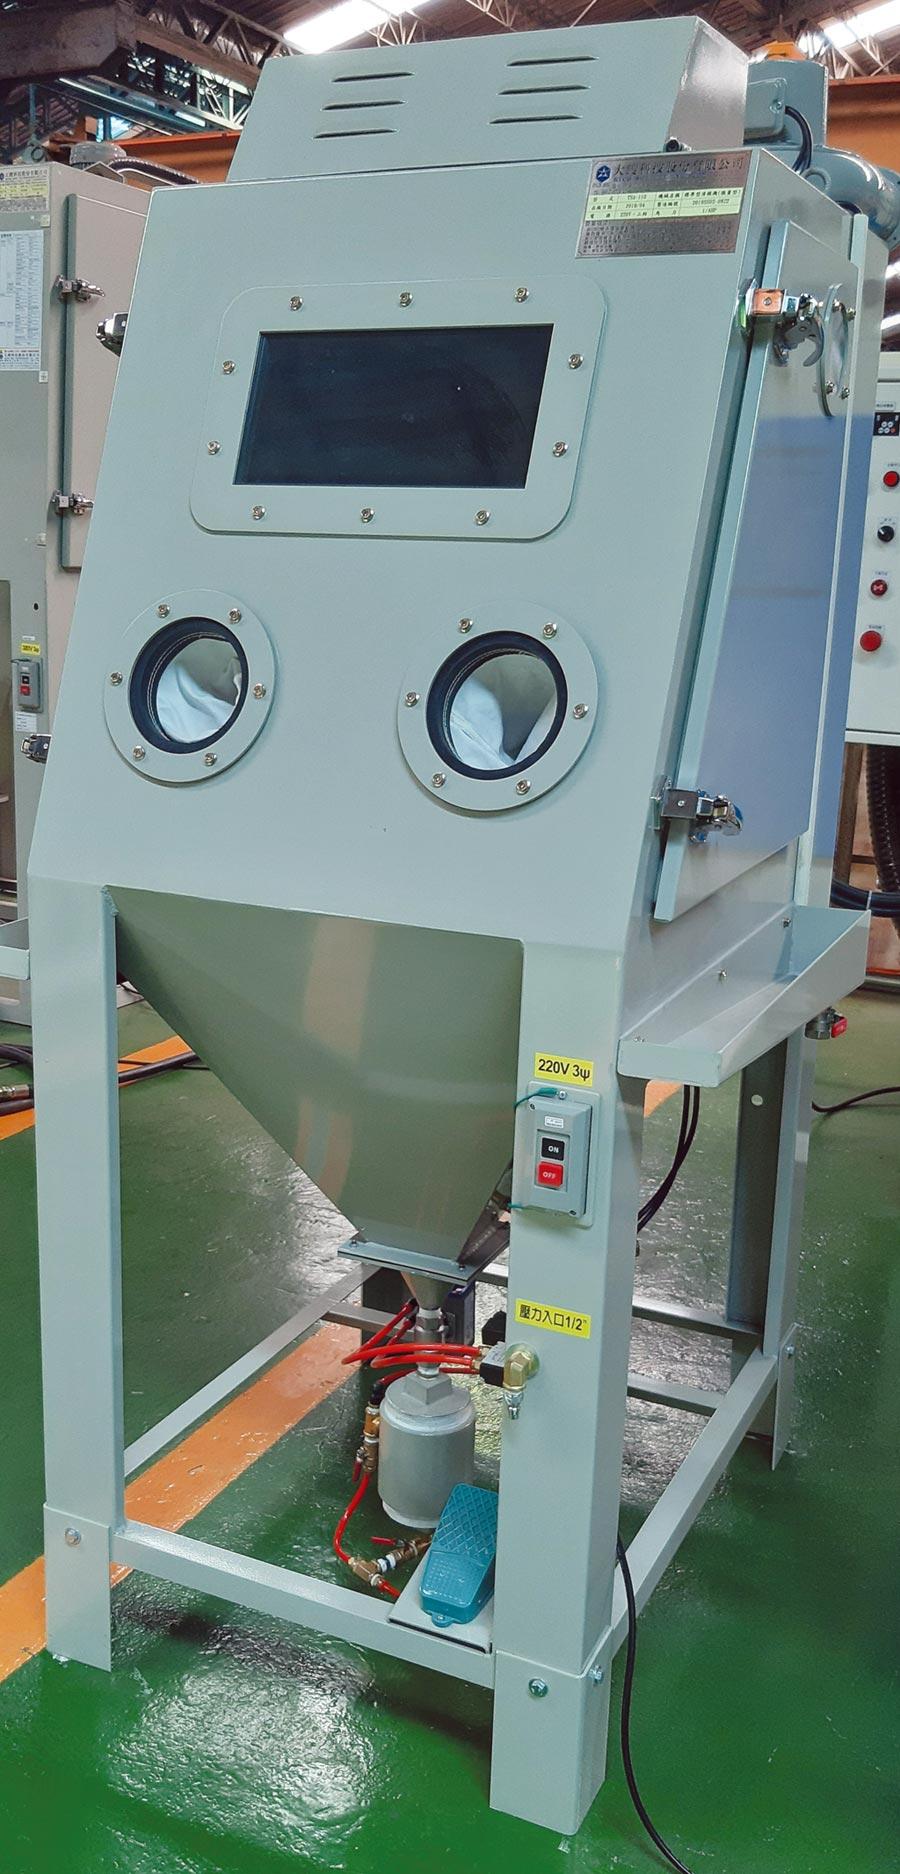 大鎪標準型清模機(微量型)適用碳化鎢、壓鑄、擠型等模具清模。圖/黃全興